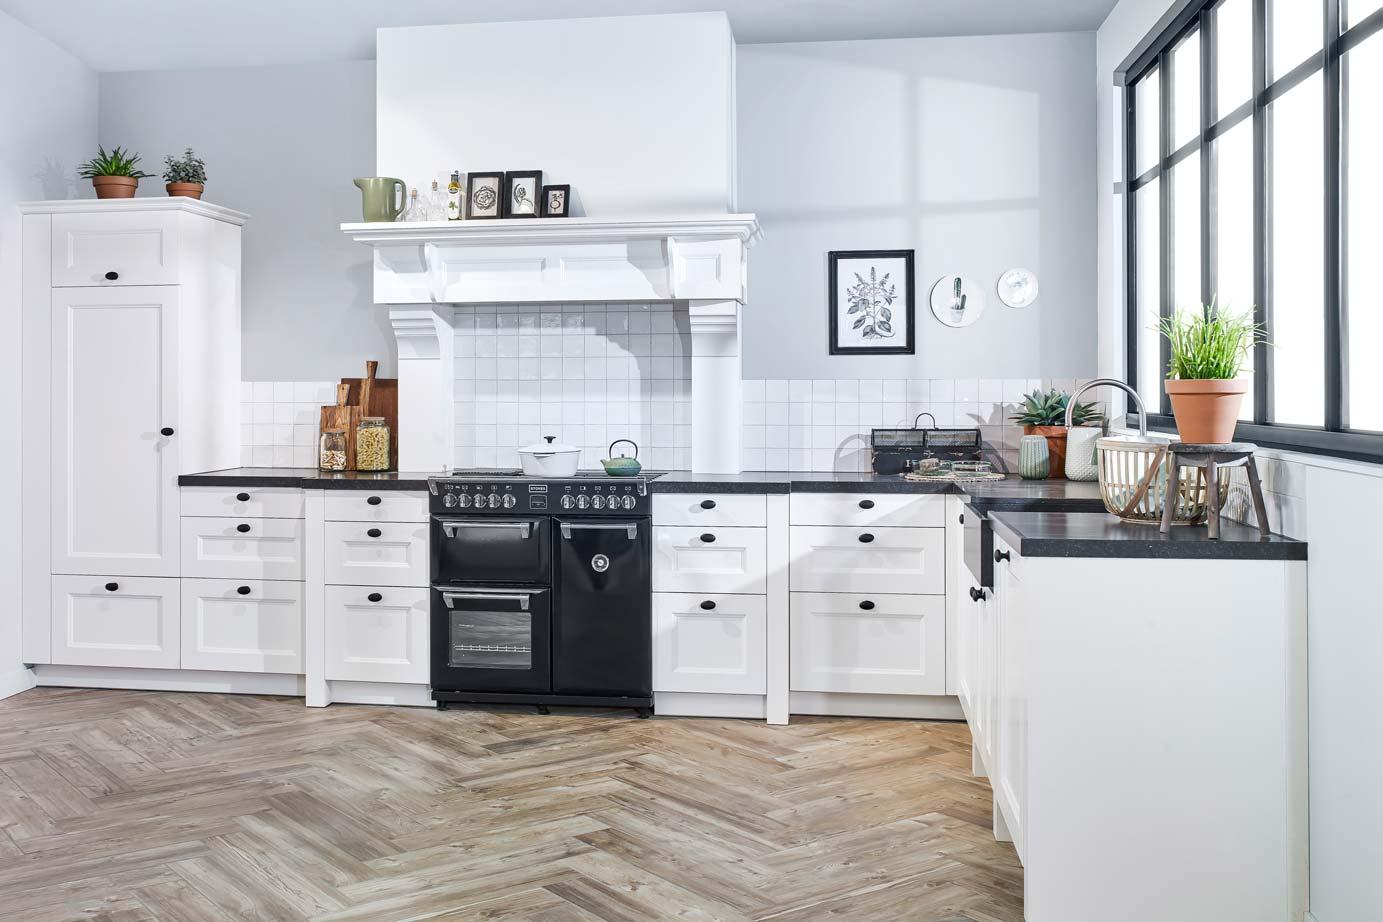 tegels keuken fornuis : Landelijke Hoekkeuken Met Fornuis Bekijk Foto S En Prijzen Db